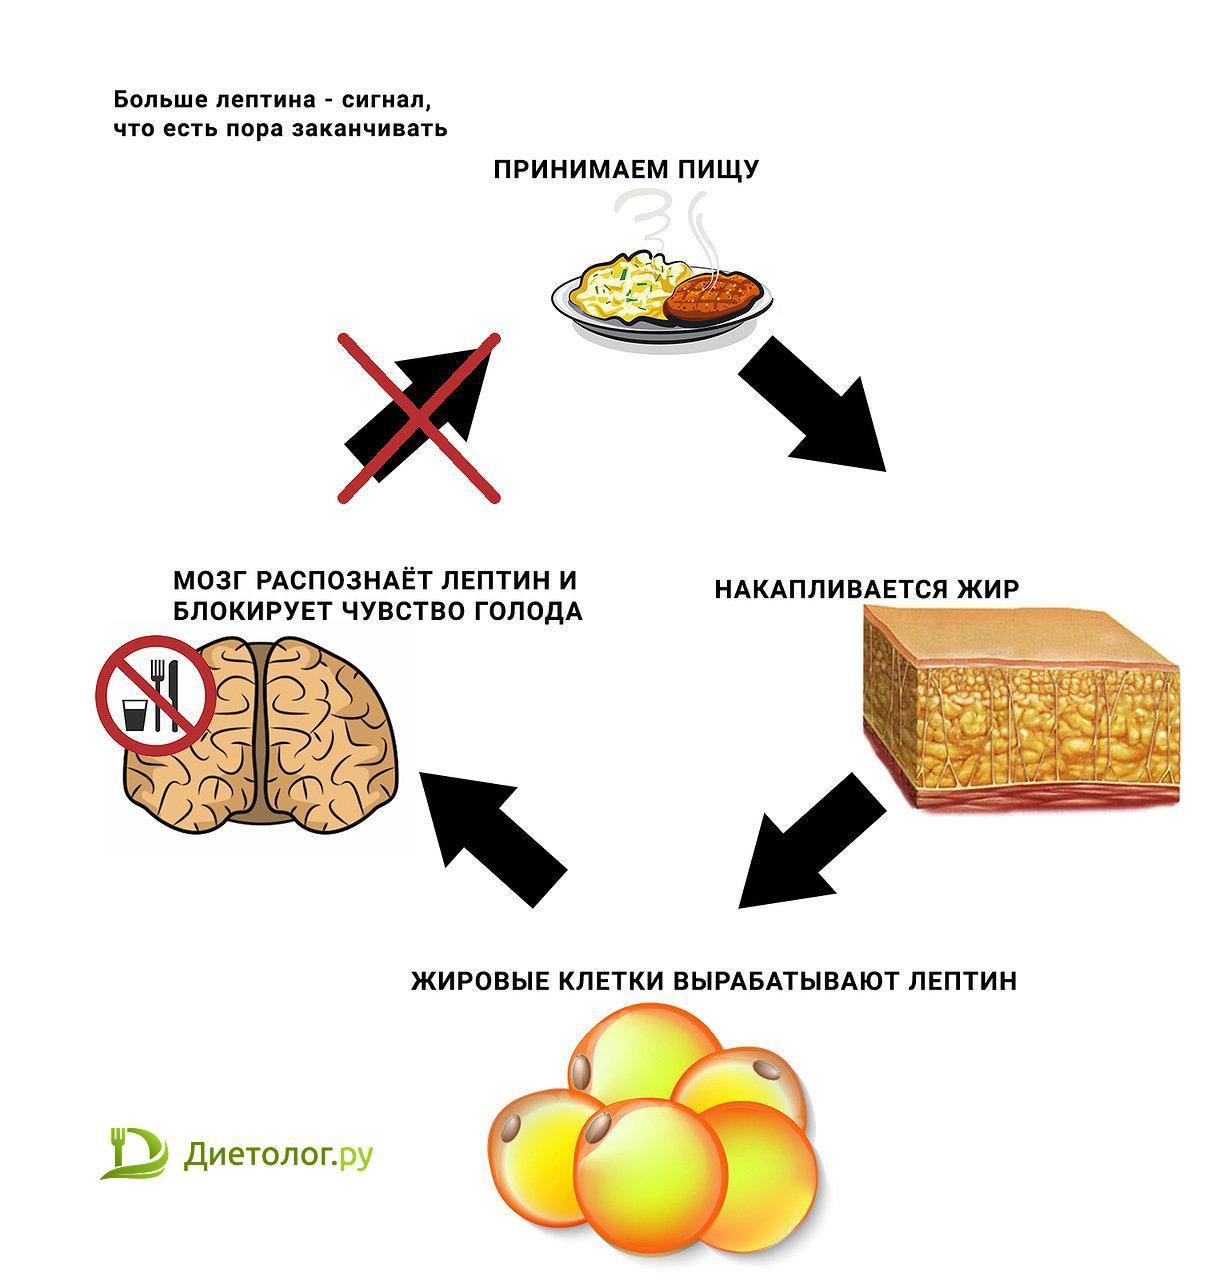 Гормон лептин — что это такое? почему высокий лептин приводит к ожирению? | фитсевен | яндекс дзен